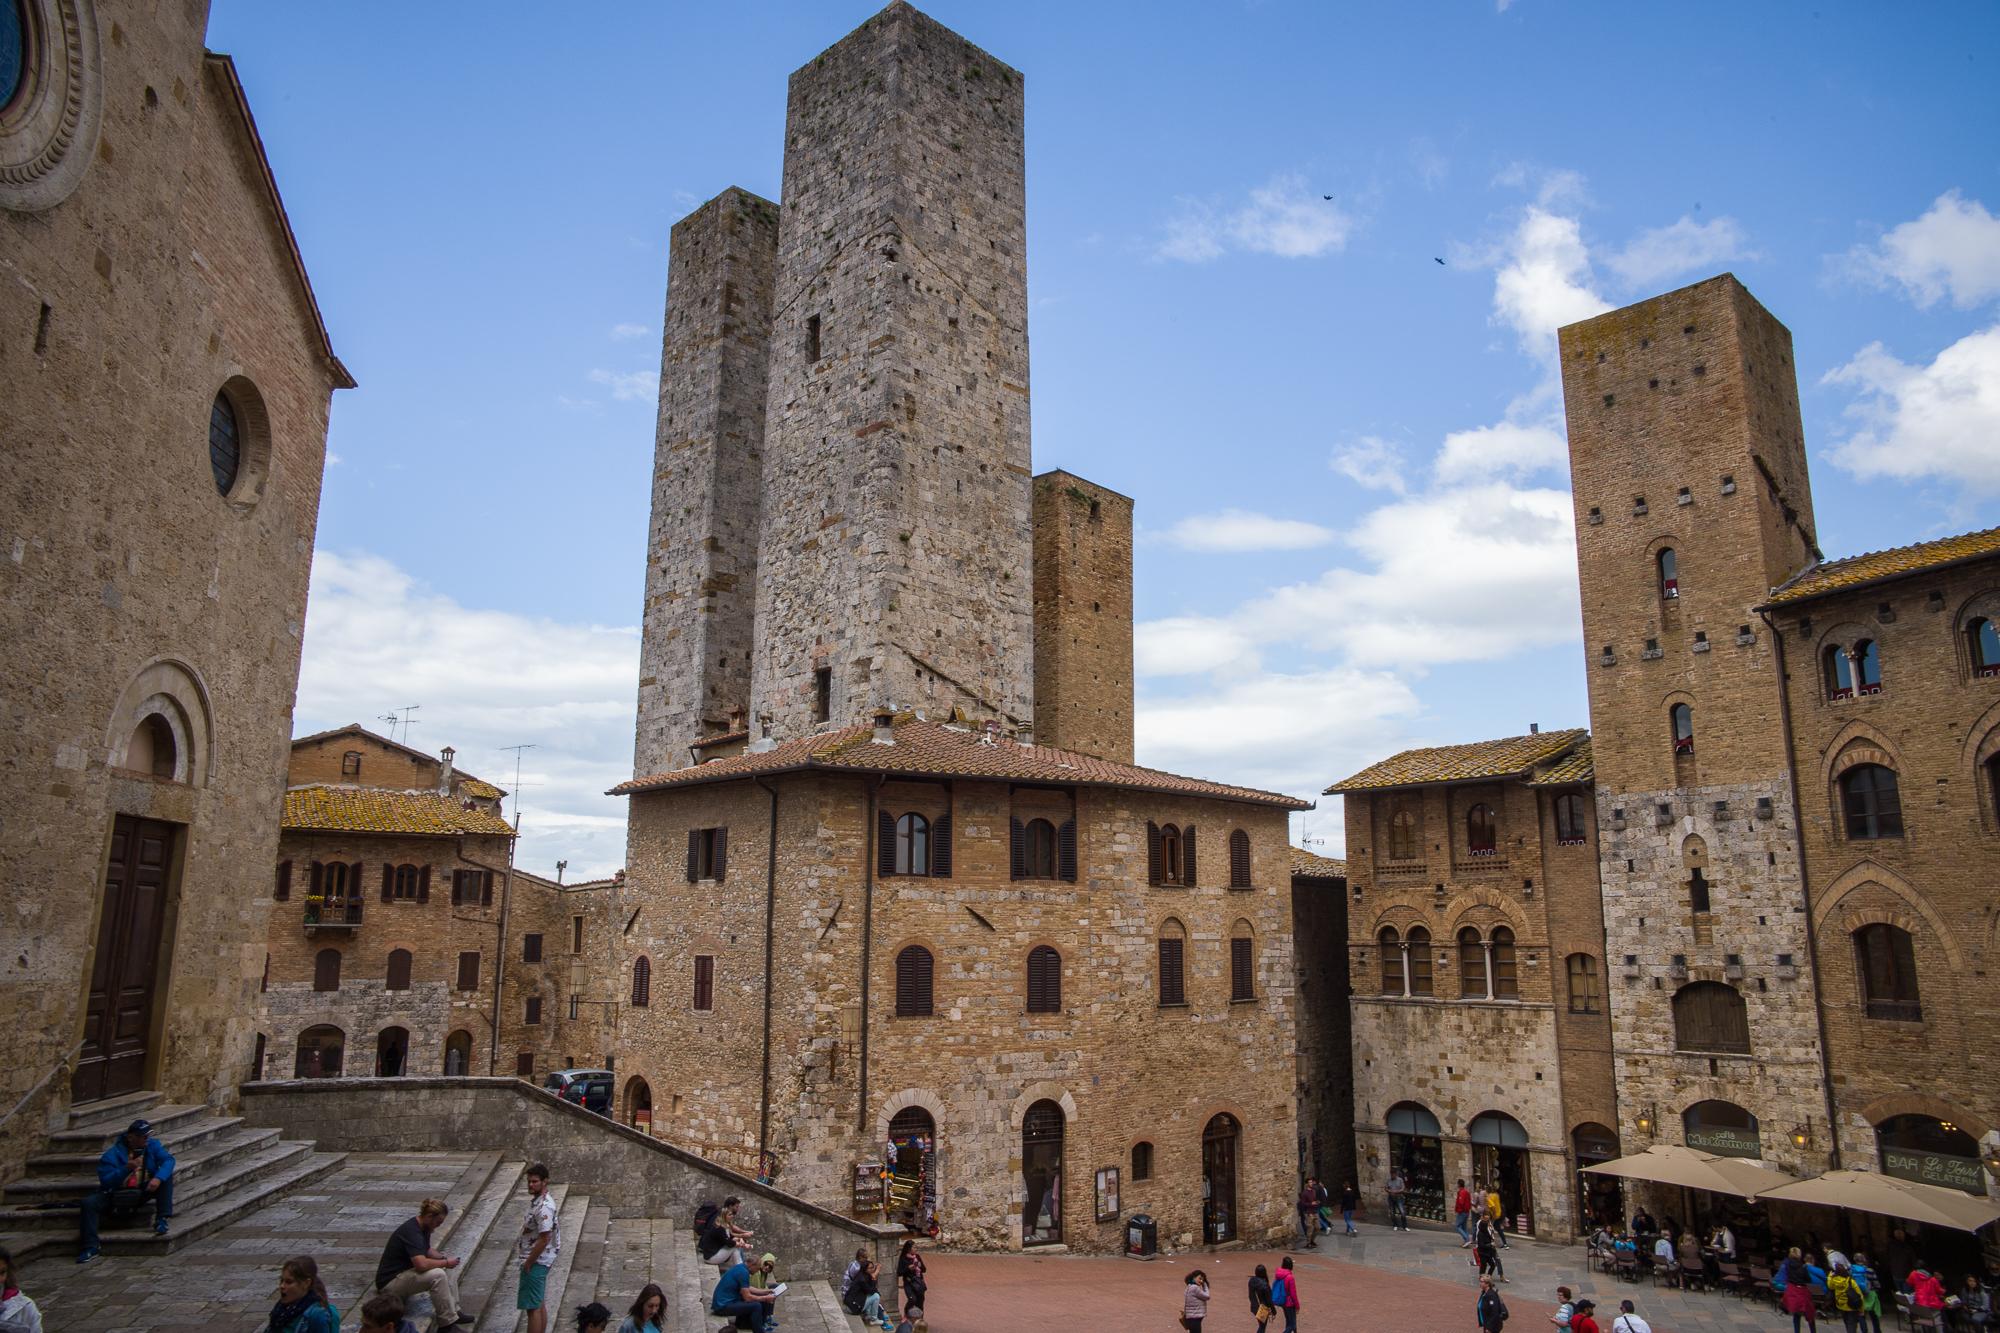 The public square in San Gimignano